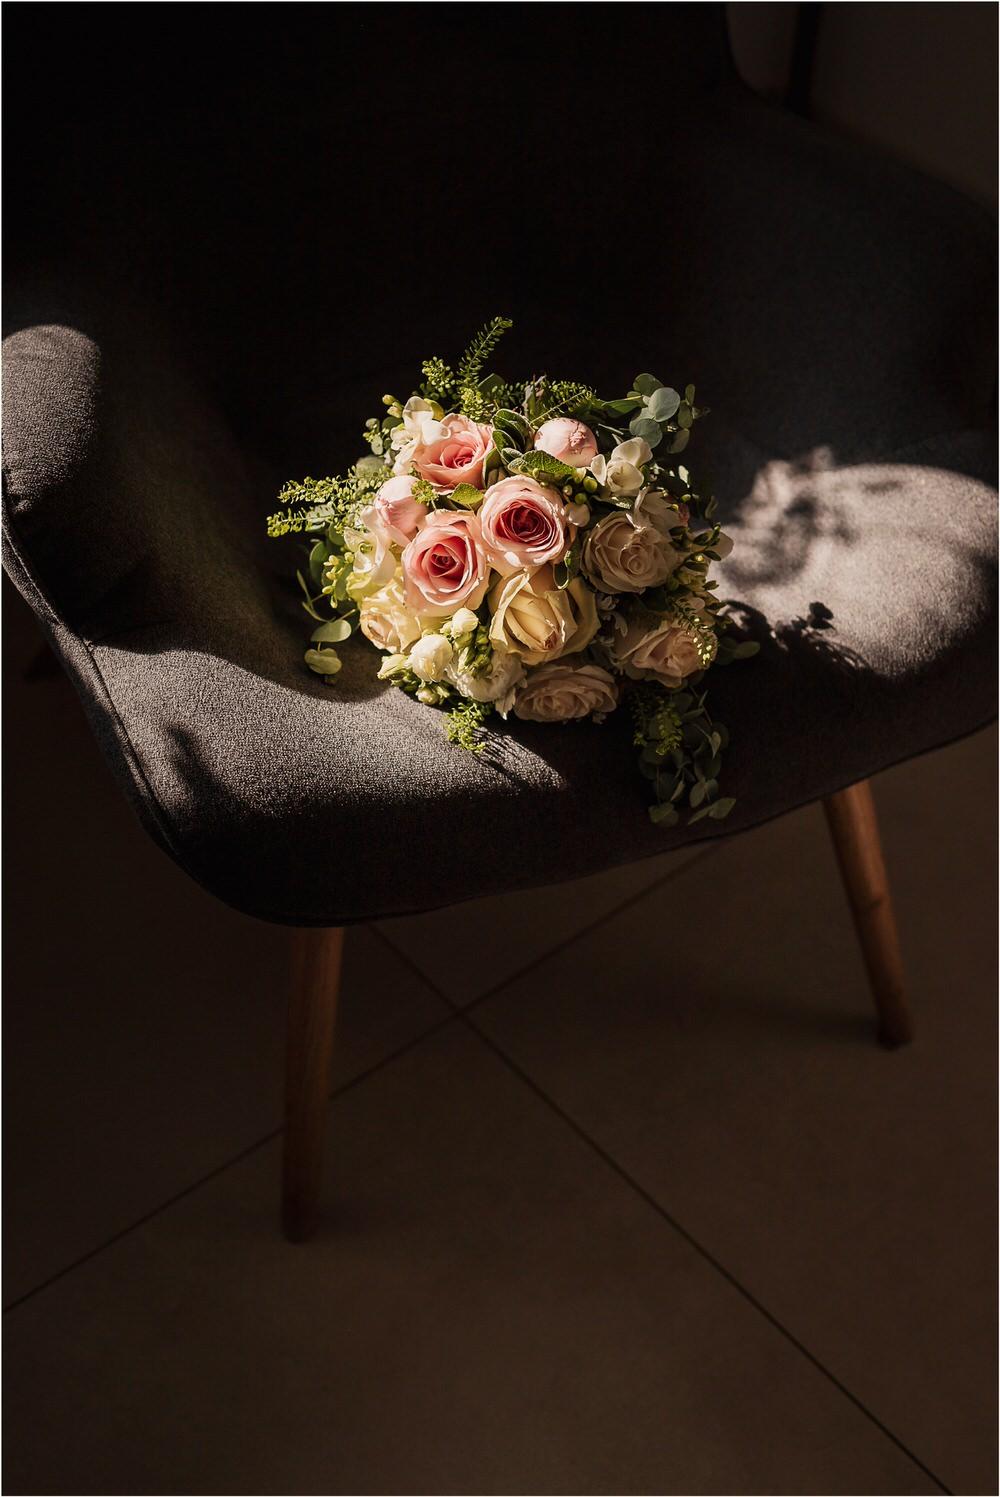 tri lucke slovenija krsko posavje poroka porocni fotograf fotografiranje elegantna poroka vinograd classy elegant wedding slovenia 0046.jpg